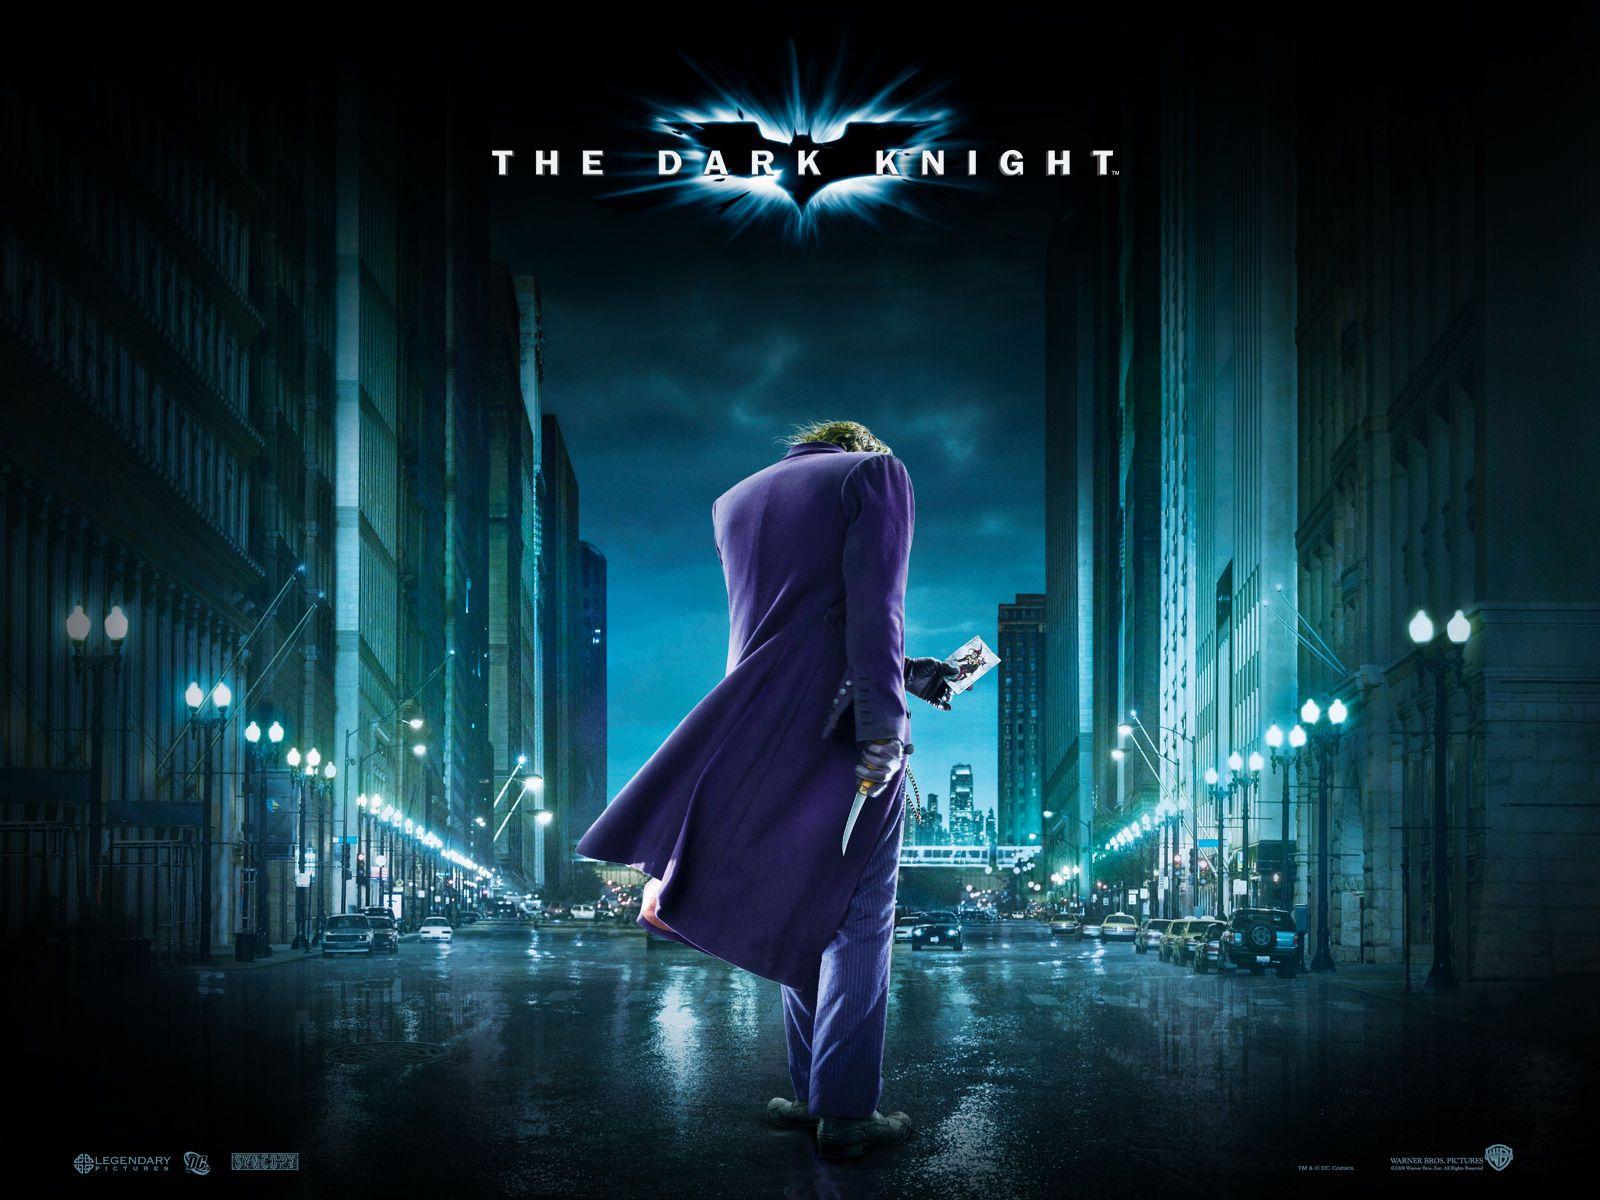 Joker2 Joker Dark Knight Dark Knight Wallpaper Dark Knight